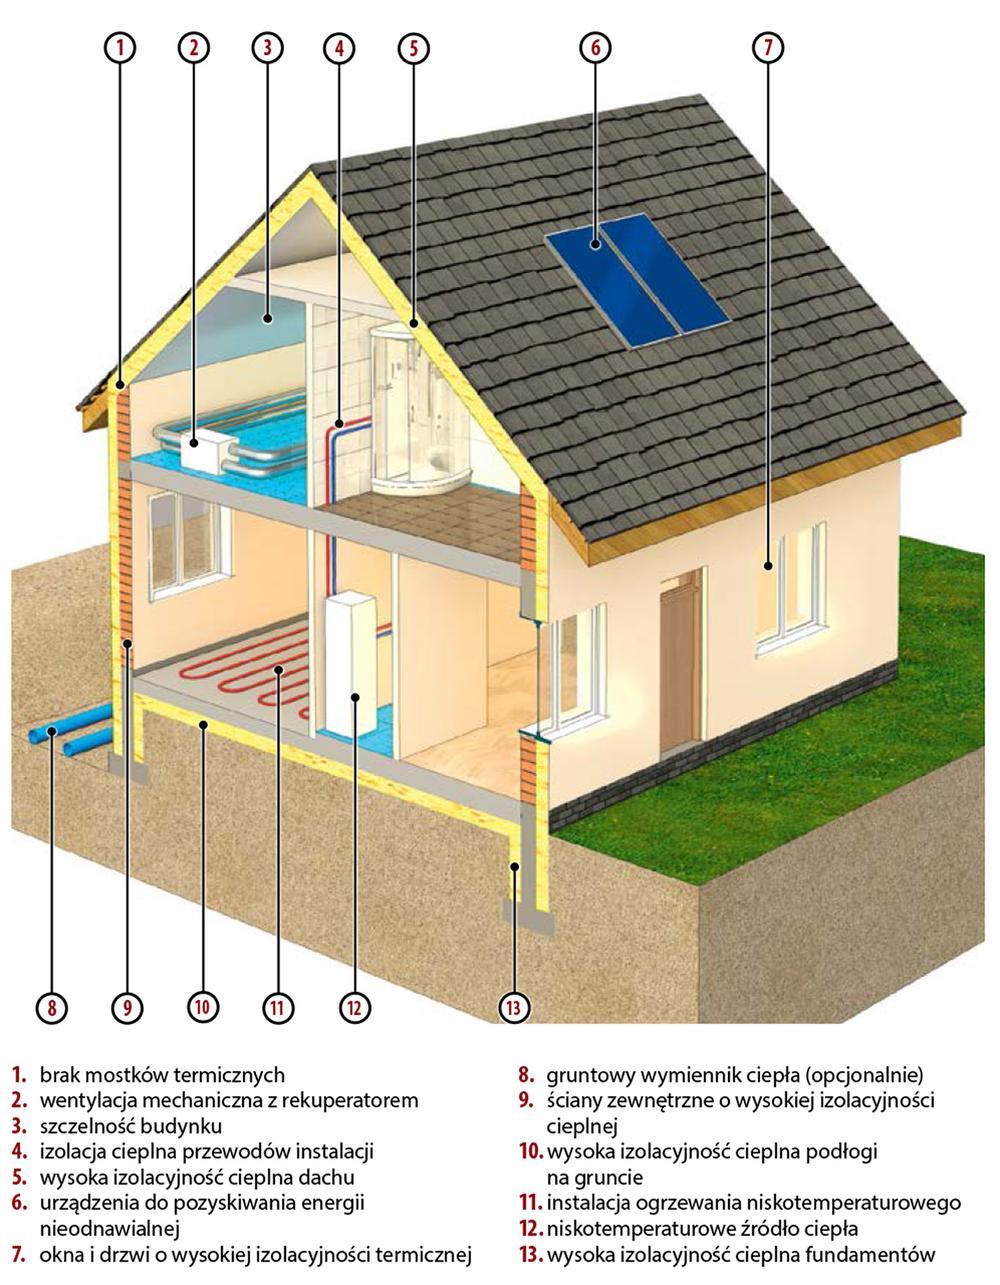 Dom niskoenergetyczny – rozwiązania budowlane i instalacyjne